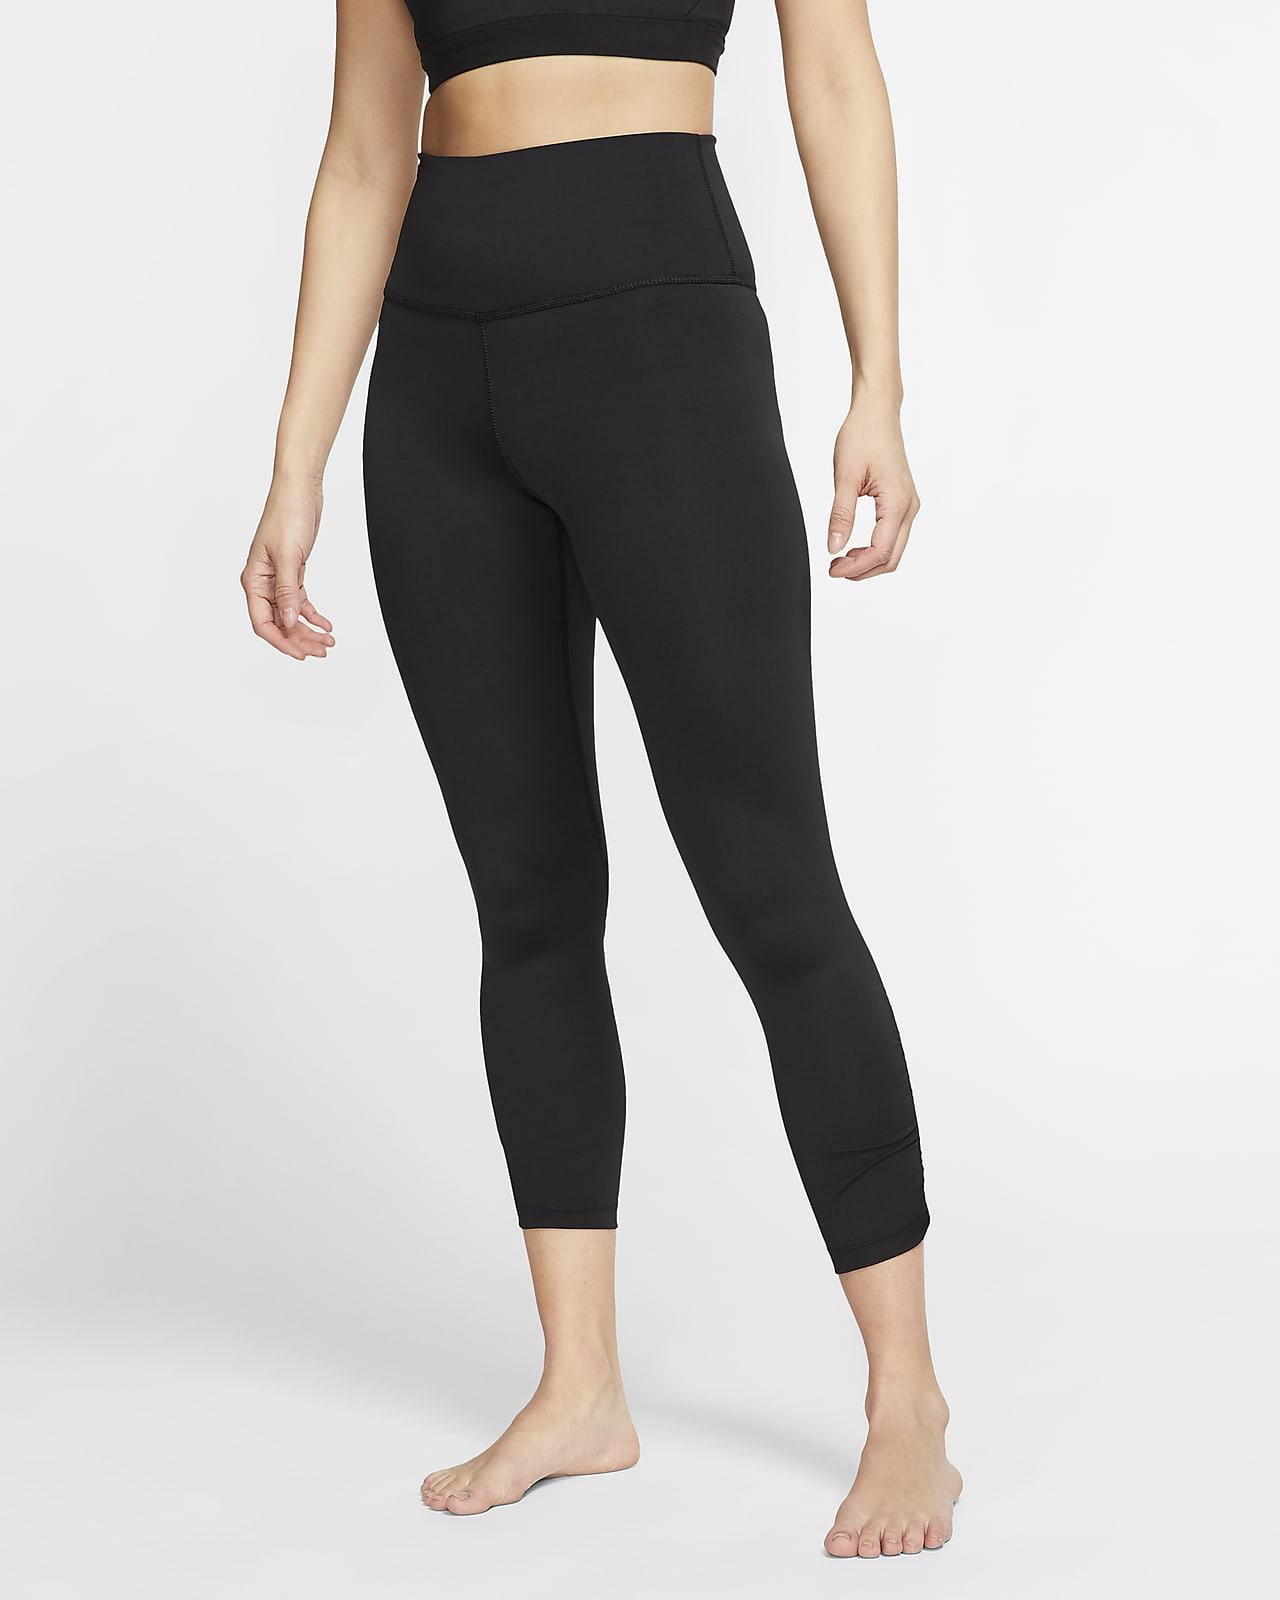 Nike Yoga 女款皺摺九分緊身褲